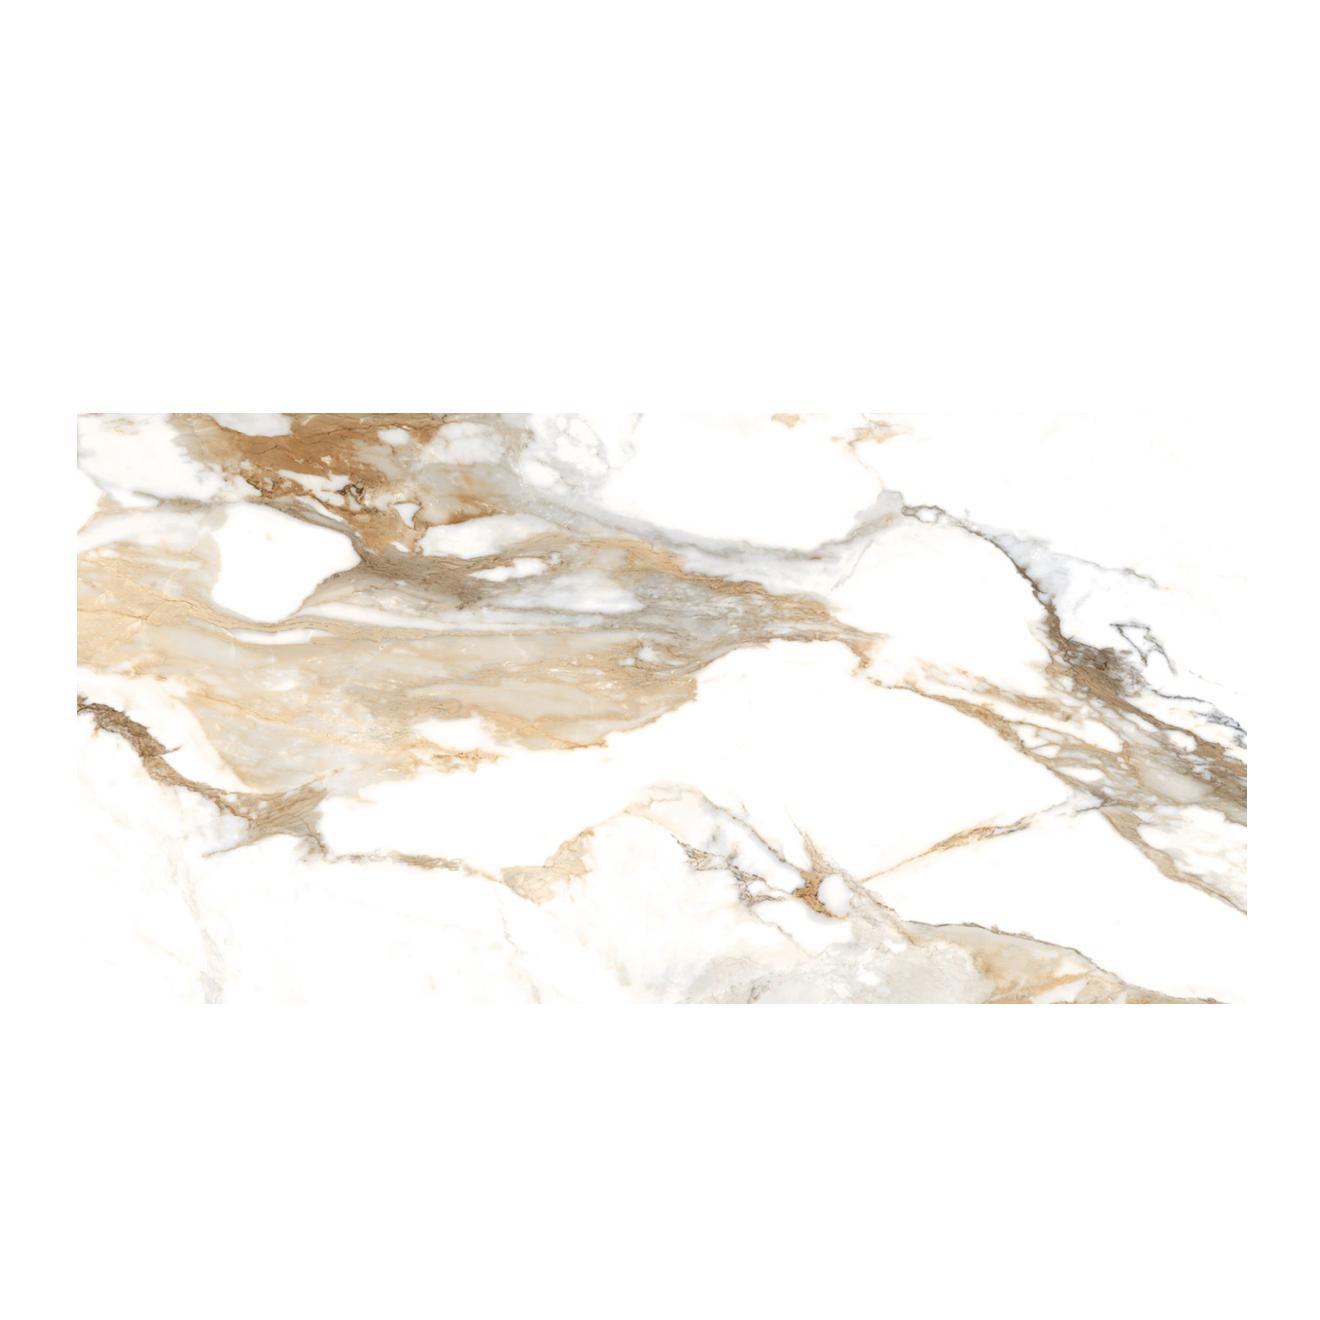 HFMS Crash Beige Natural Porcelain Format Floor & Wall Tile – 12 x 24 in.